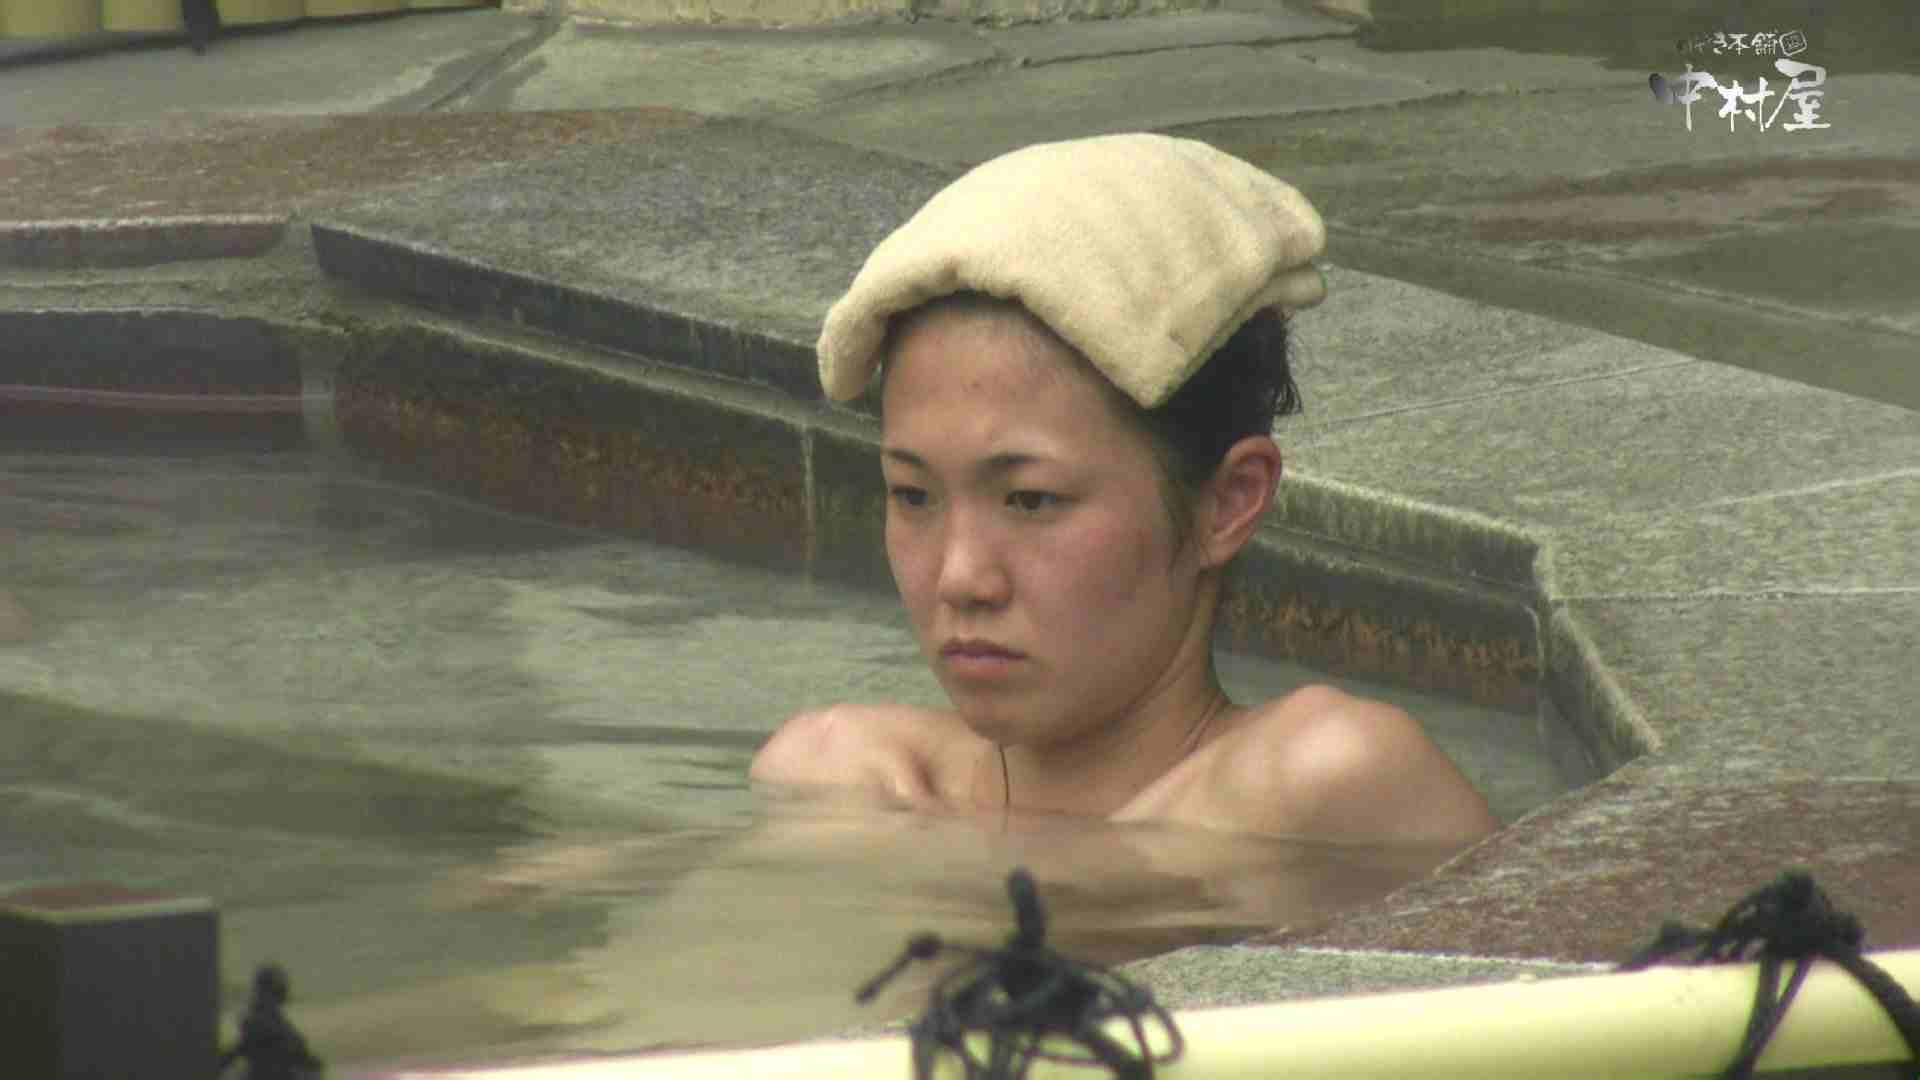 Aquaな露天風呂Vol.889 露天風呂  10枚 10